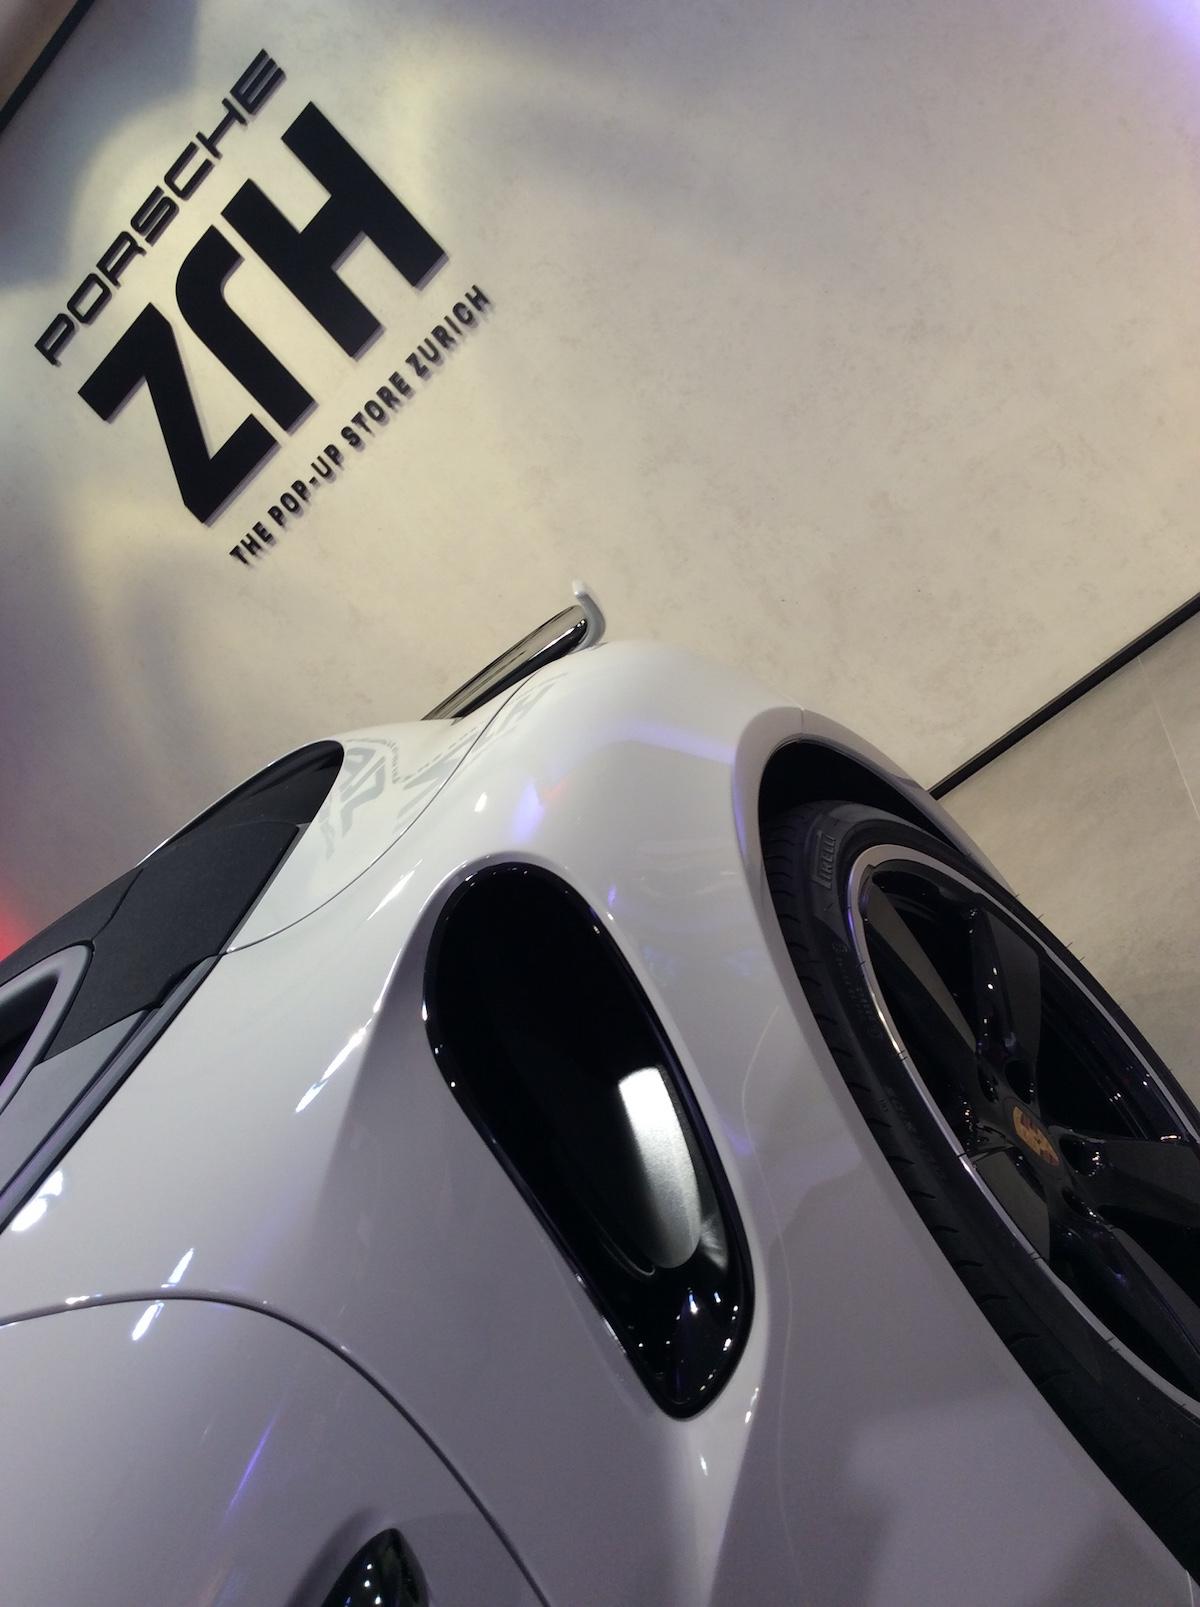 porsche exclusive manufaktur sportwagen limitiert veredelt modelle sportlimousinen individualisiert shop luxus luxusmarke zürich paradeplatz porsche-911-turbo-s